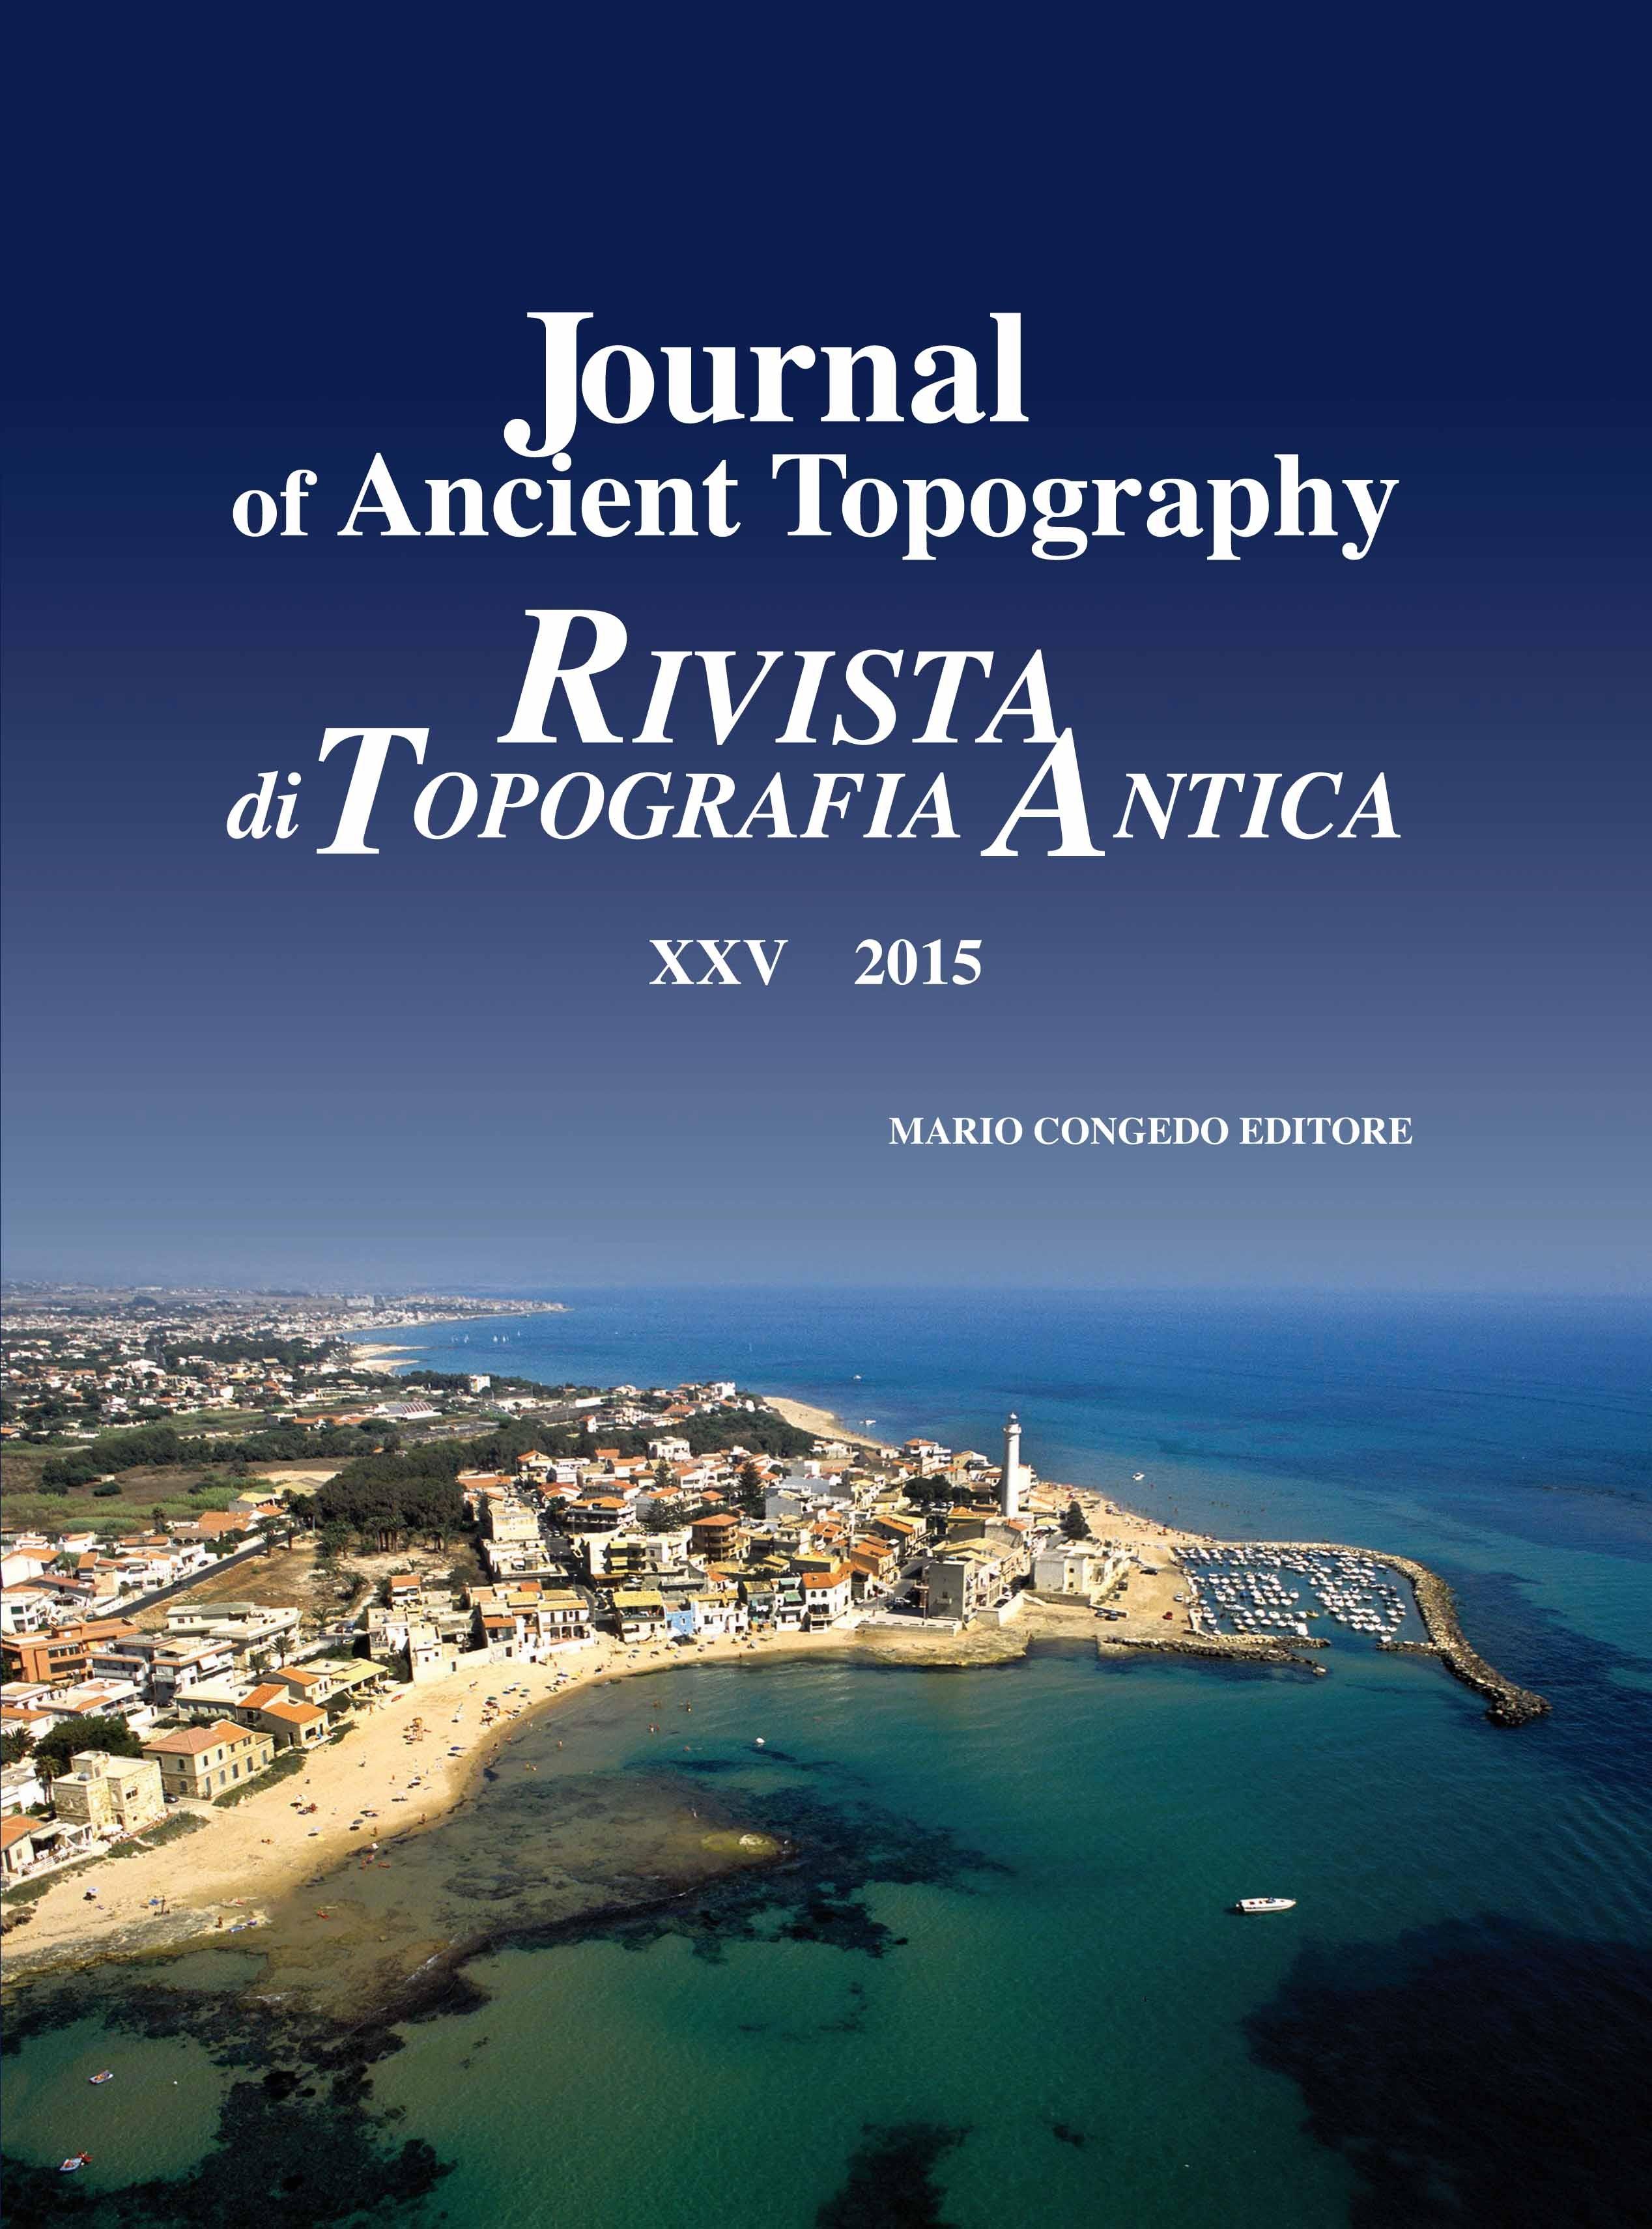 Rivista di Topografia Antica XXV 2015